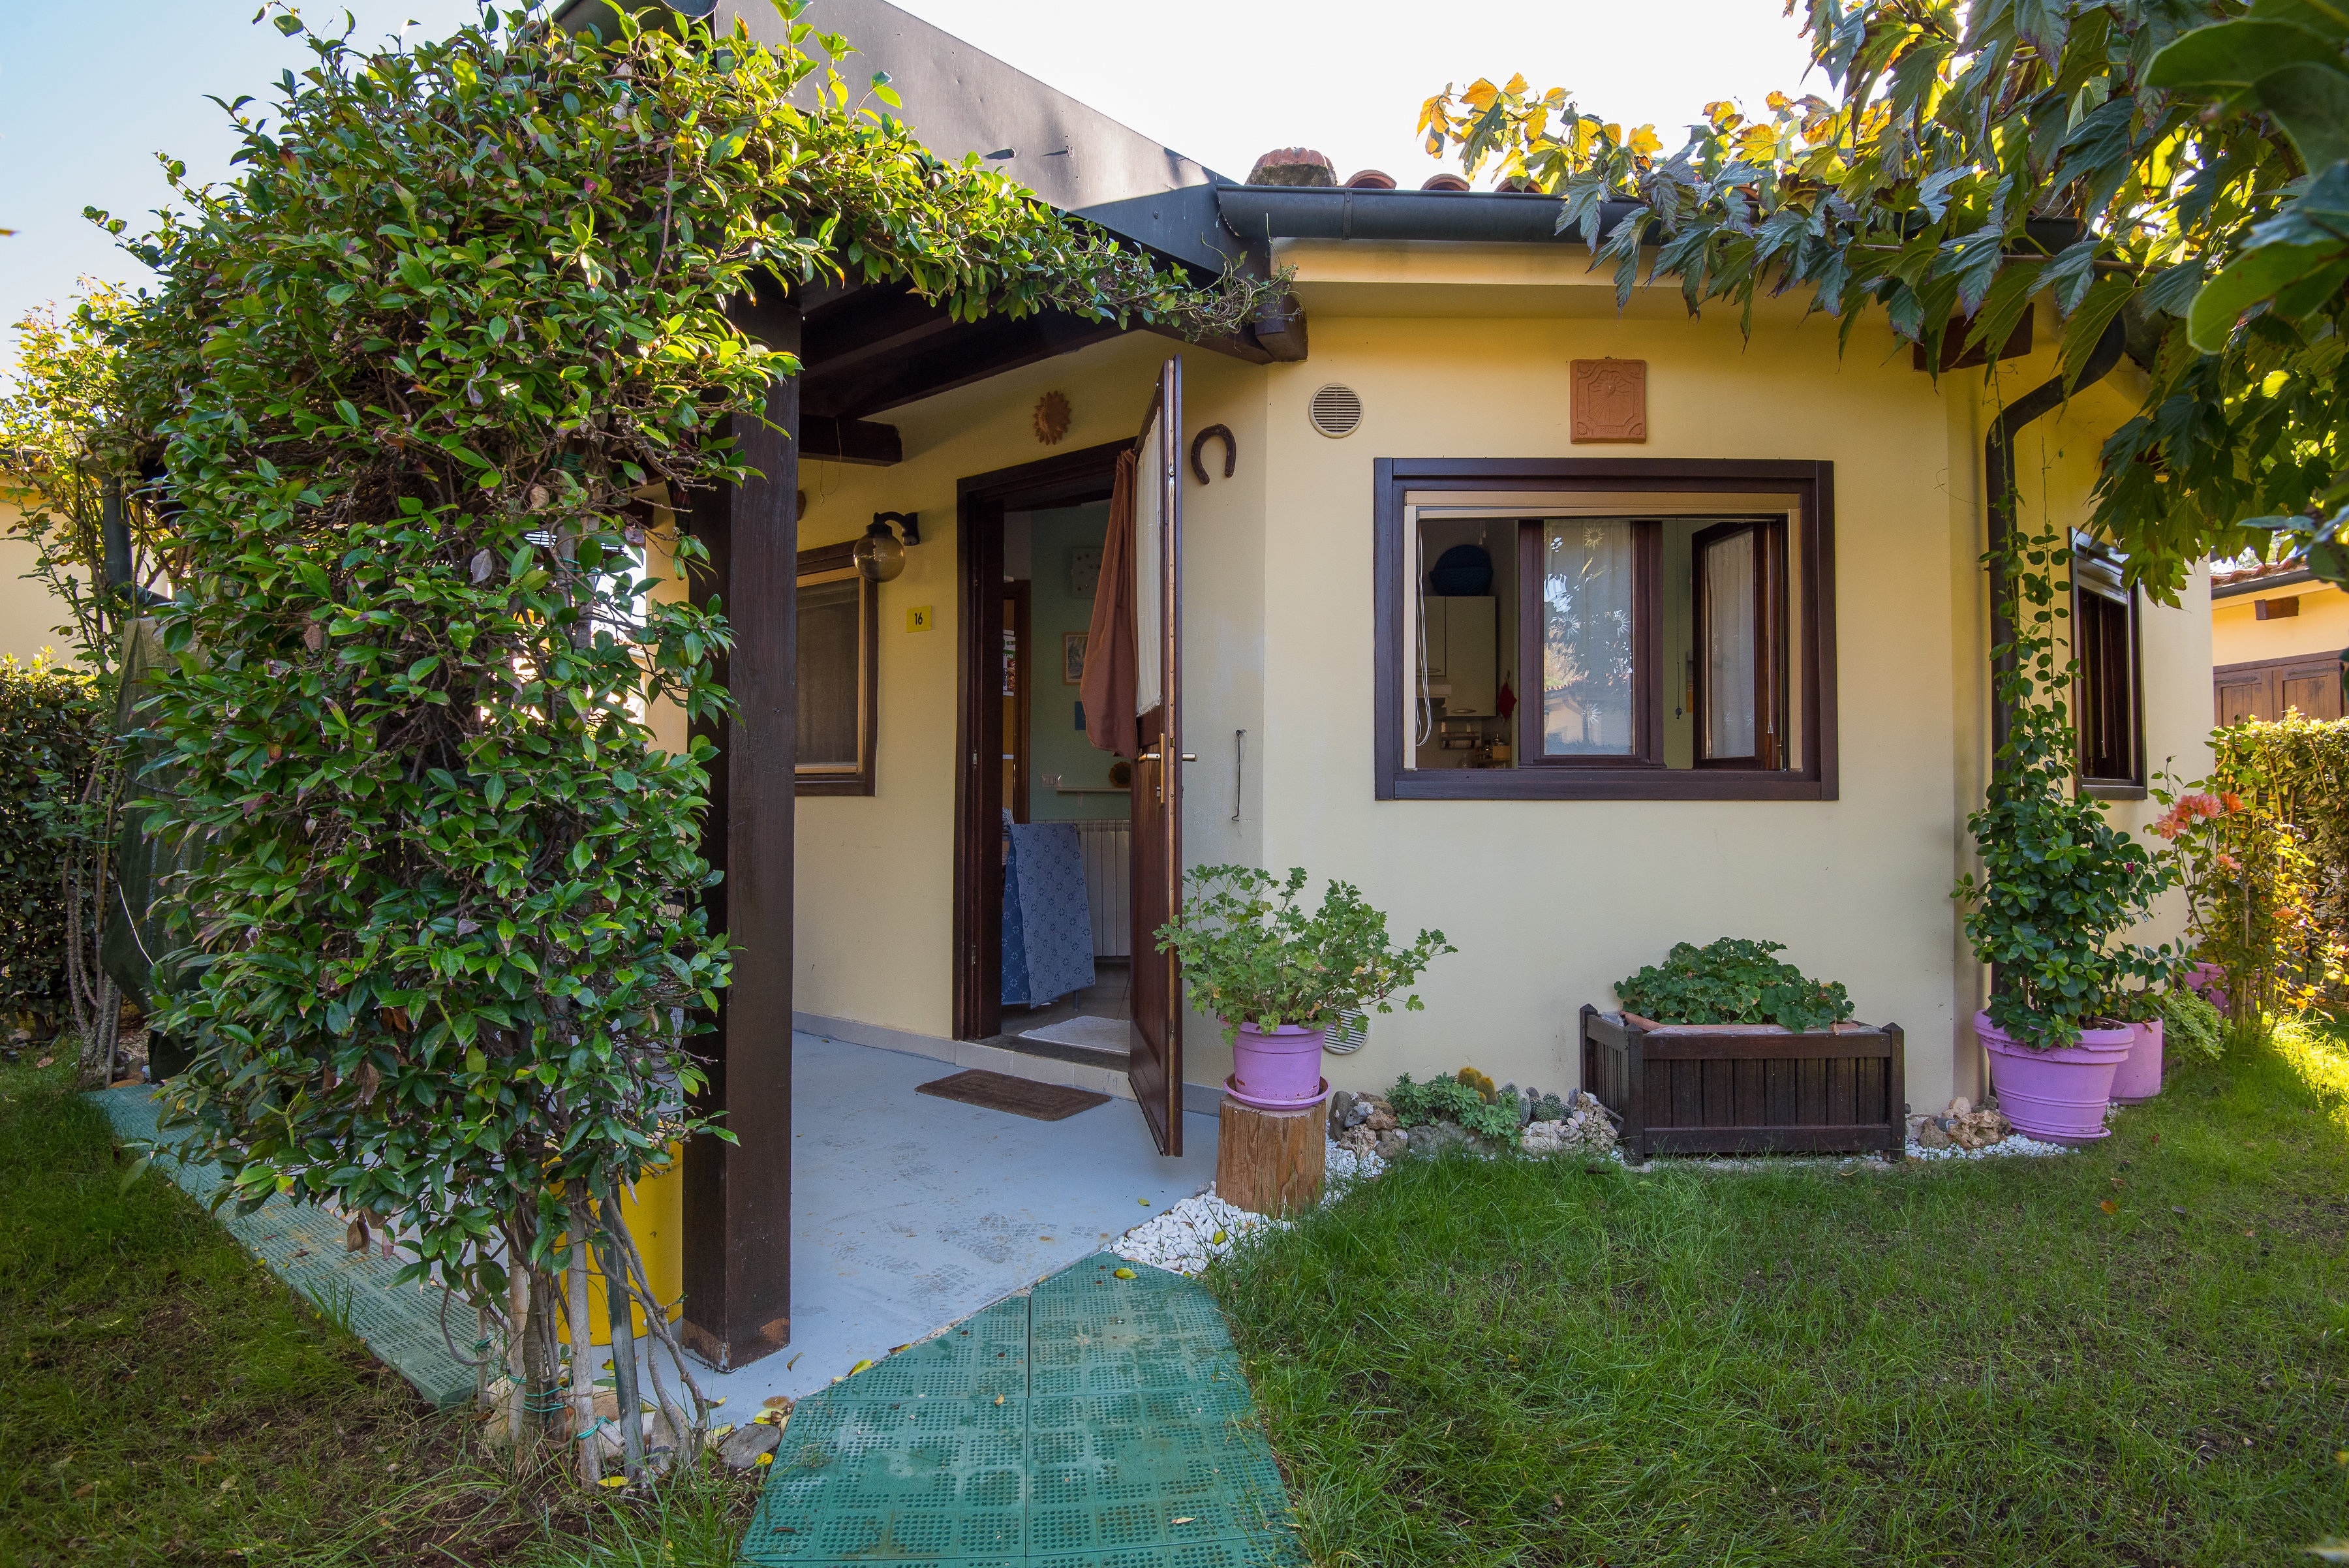 Ferienhaus Mare Verde in Follonica, Italien IT5410.250.3   Interhome